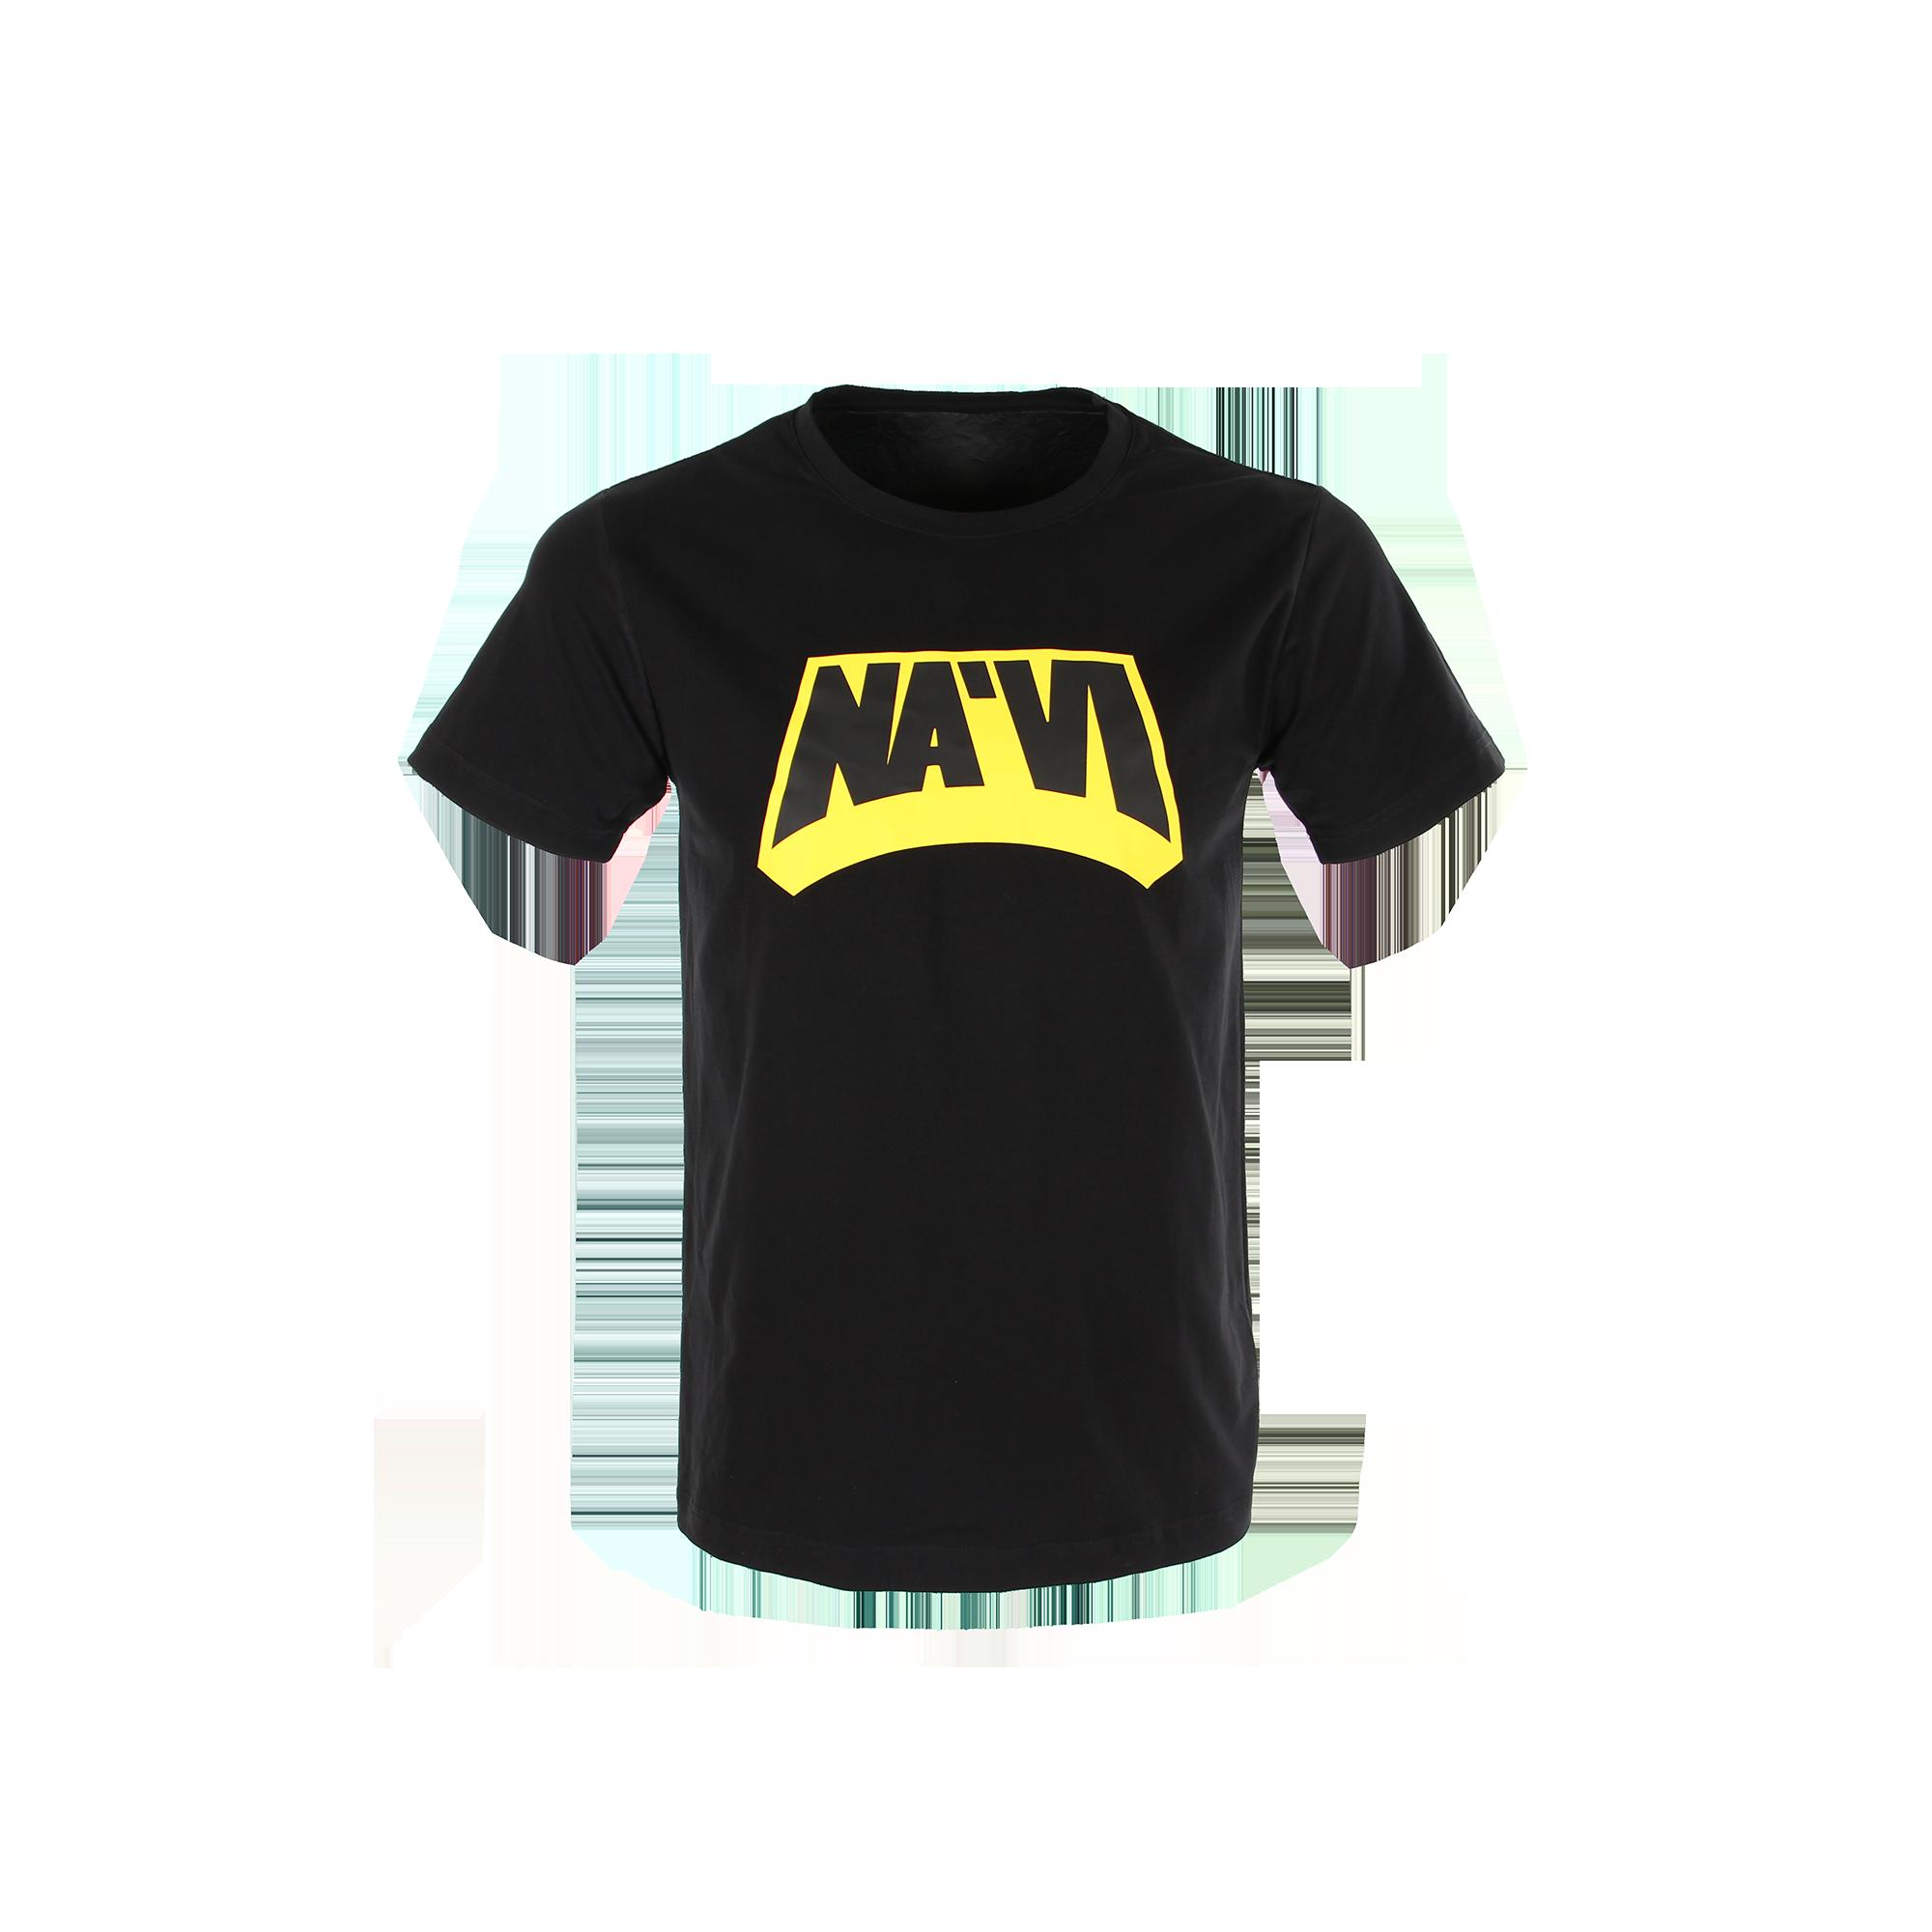 Футболка NaVi Epic Black  (XS)